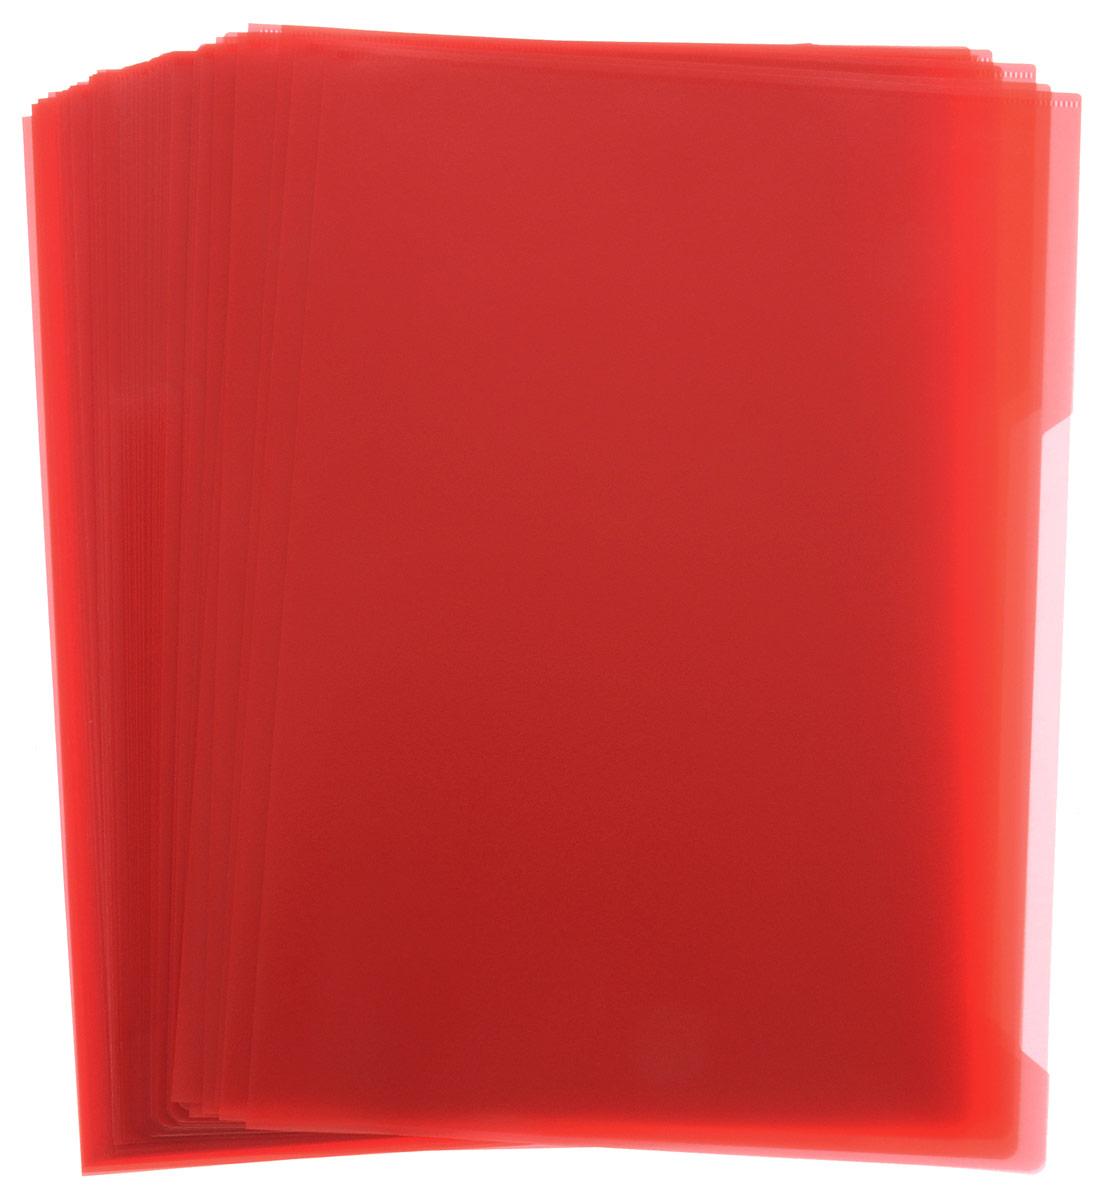 Durable Папка-уголок цвет красный 50 шт11207065Папка-уголок Durable изготовлена из высококачественного полипропилена. Это удобный и практичный офисный инструмент, предназначенный для хранения и транспортировки рабочих бумаг и документов формата А4. Папка оснащена выемкой для перелистывания листов. В наборе - 50 папок.Папка-уголок - это незаменимый атрибут для студента, школьника, офисного работника. Такая папка надежно сохранит ваши документы и сбережет их от повреждений, пыли и влаги.